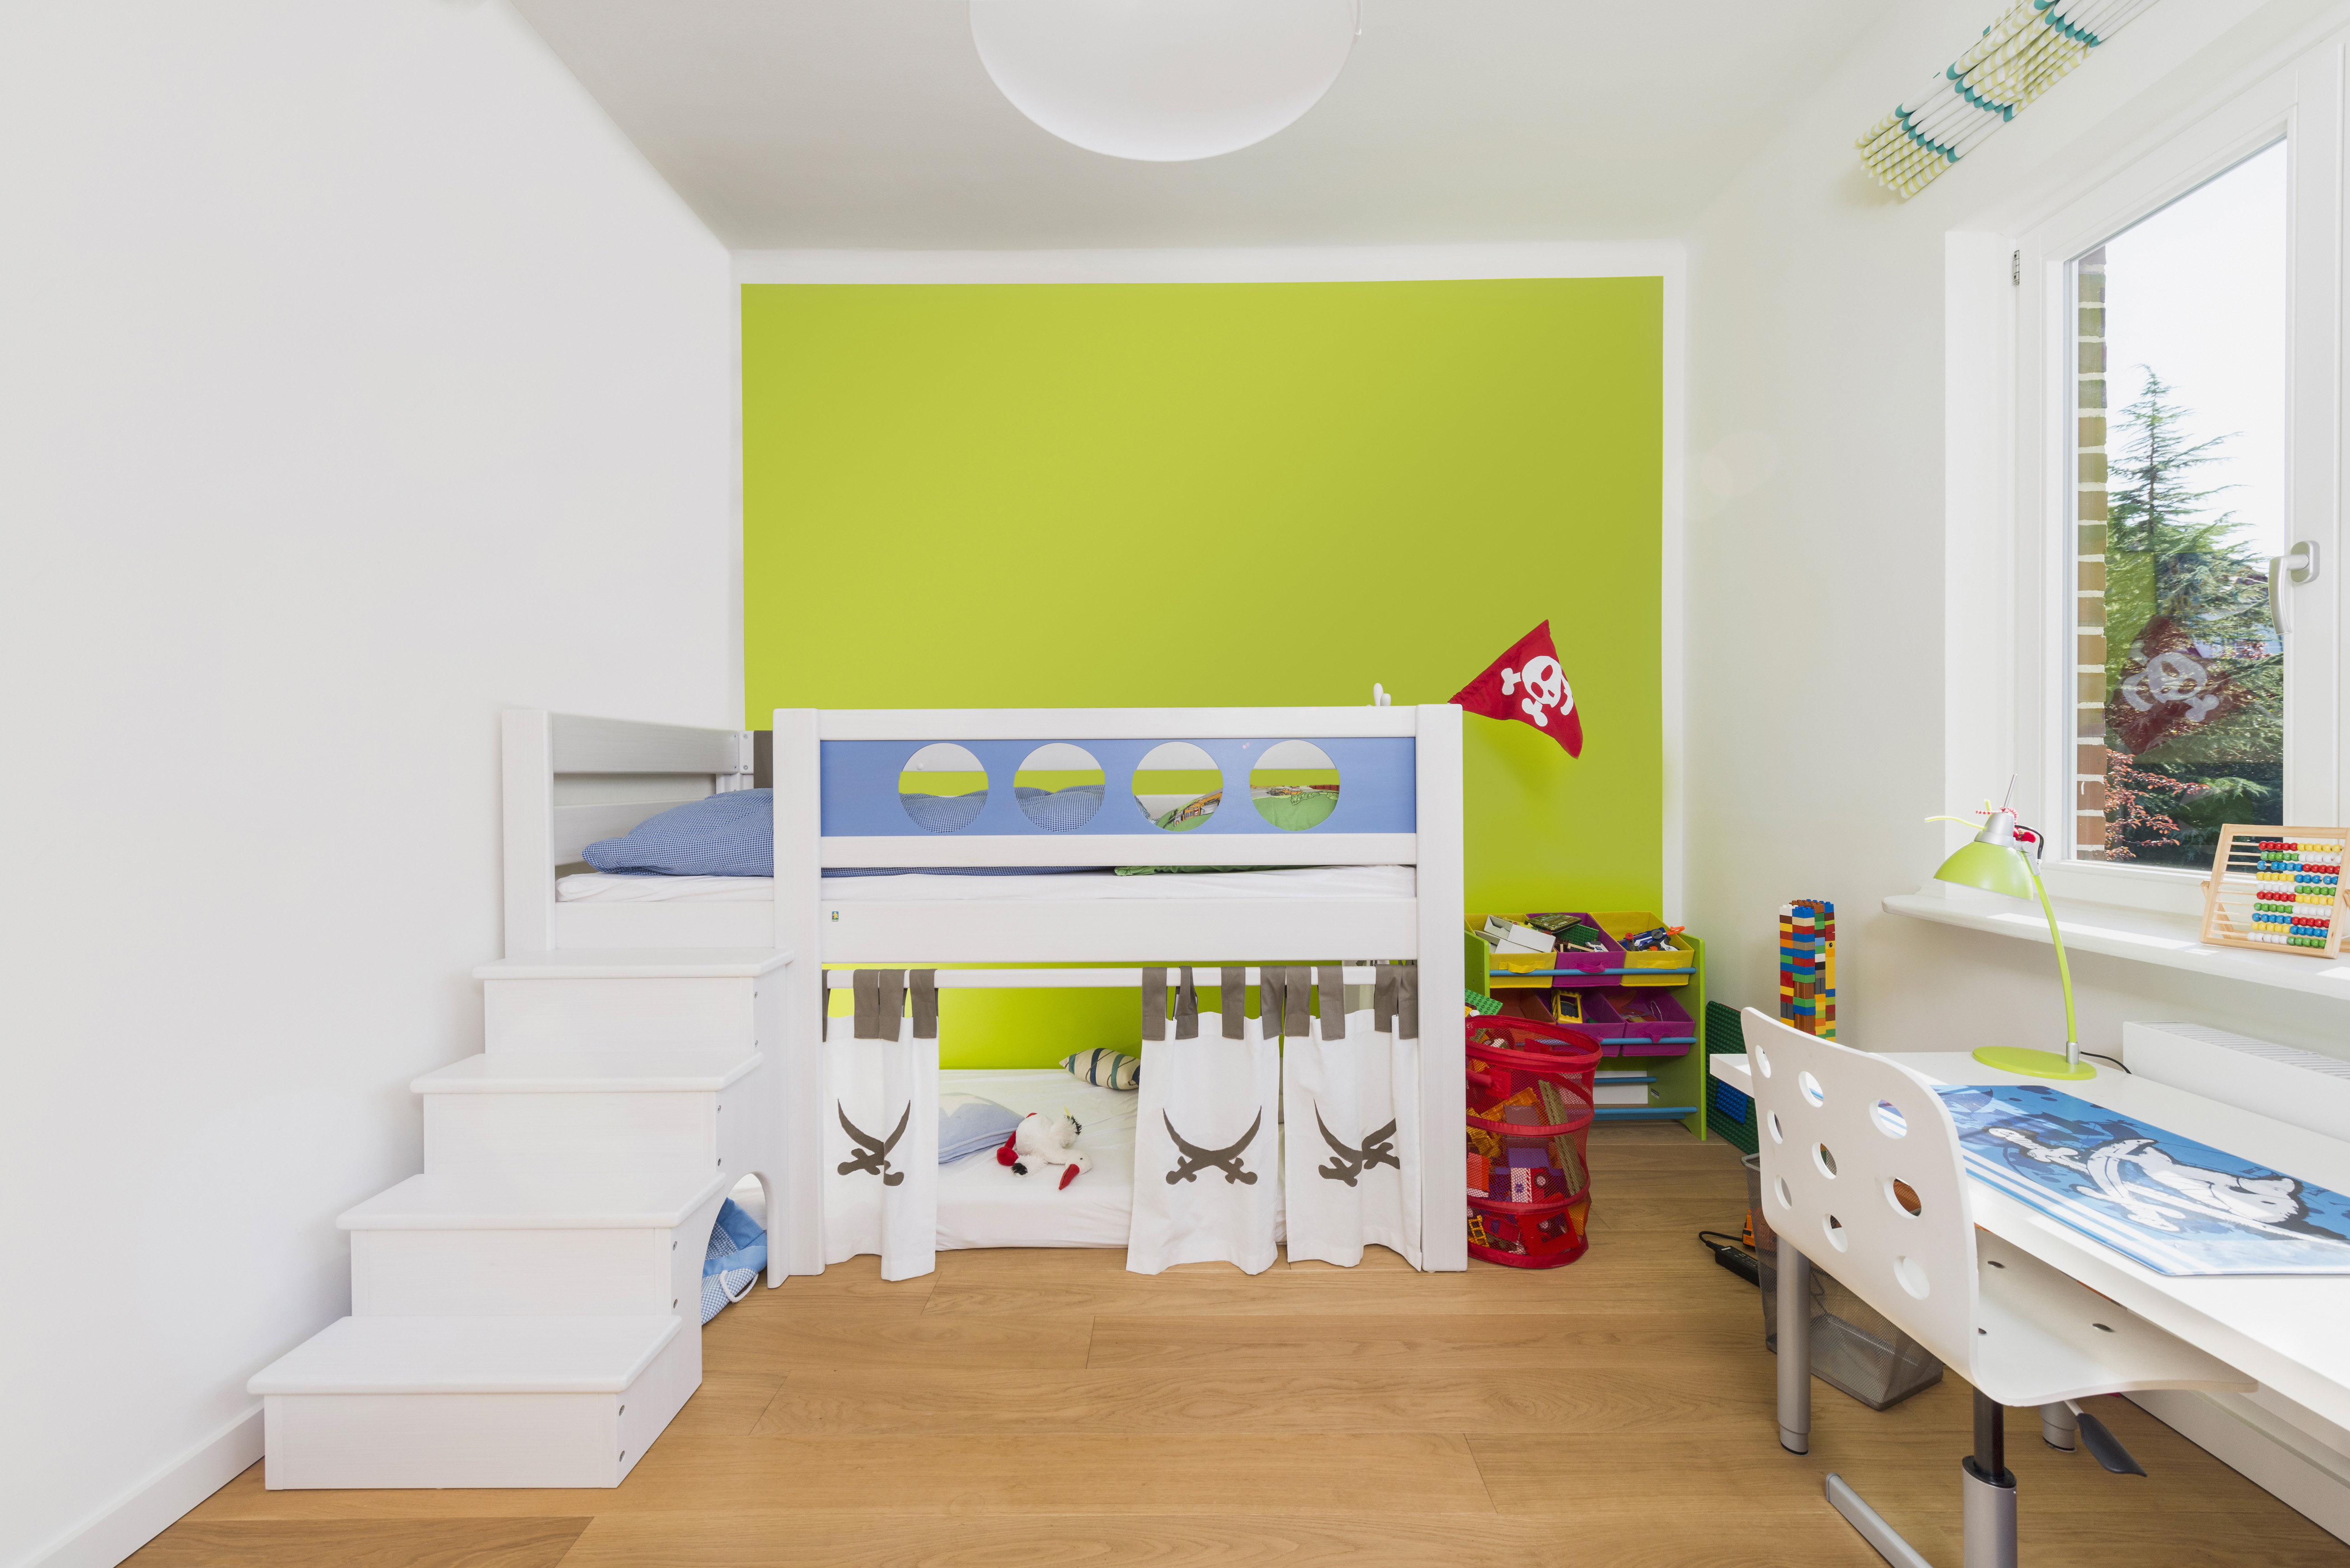 Modern children's room with wooden floor